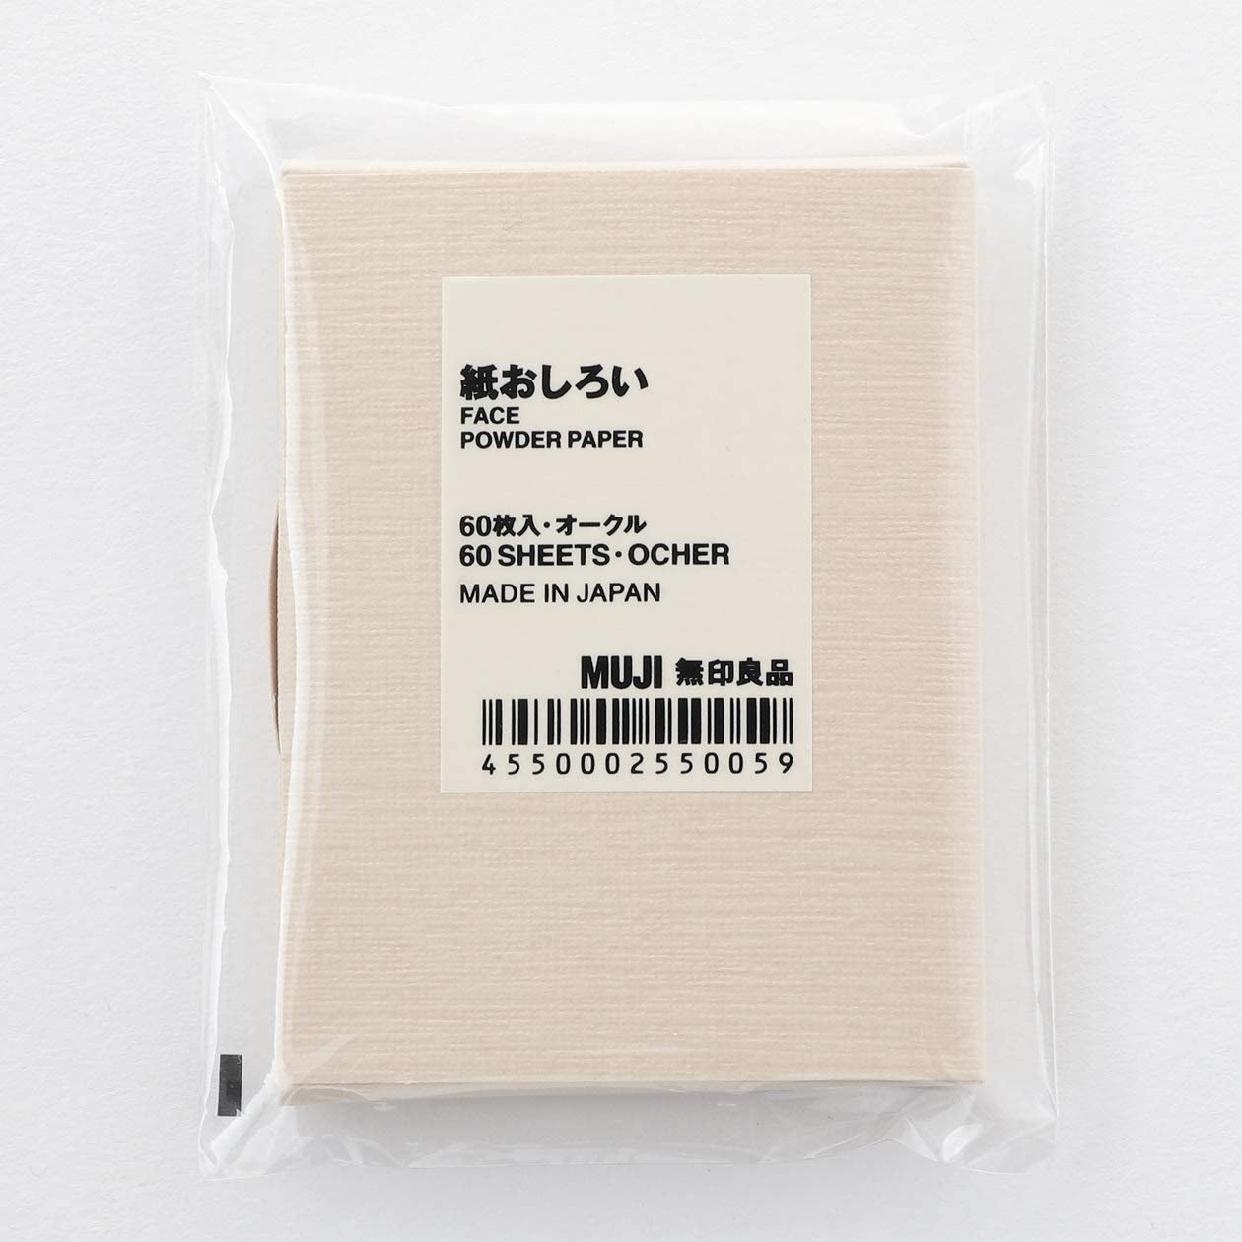 無印良品(MUJI) 紙おしろい (新)の商品画像2